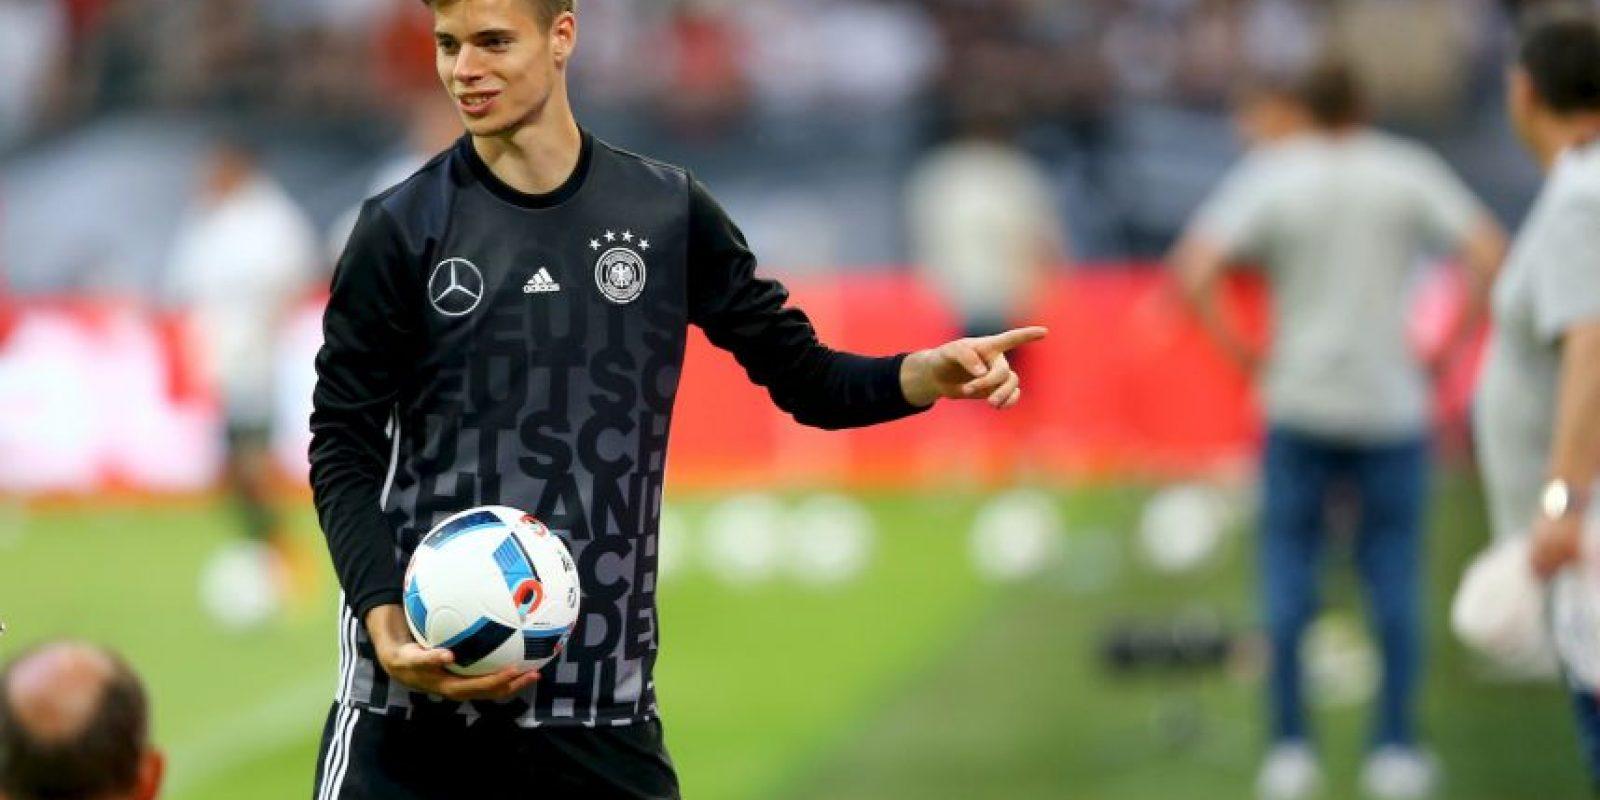 Al igual que Leroy Sané, Weigl es un jugador consolidado en su equipo y está ganando fuerza en el mediocampo de Borussia Dortmund. No sería de extrañar que estas dos jóvenes promesas compartan el mediocampo titular de Alemania en unos años Foto:Getty Images